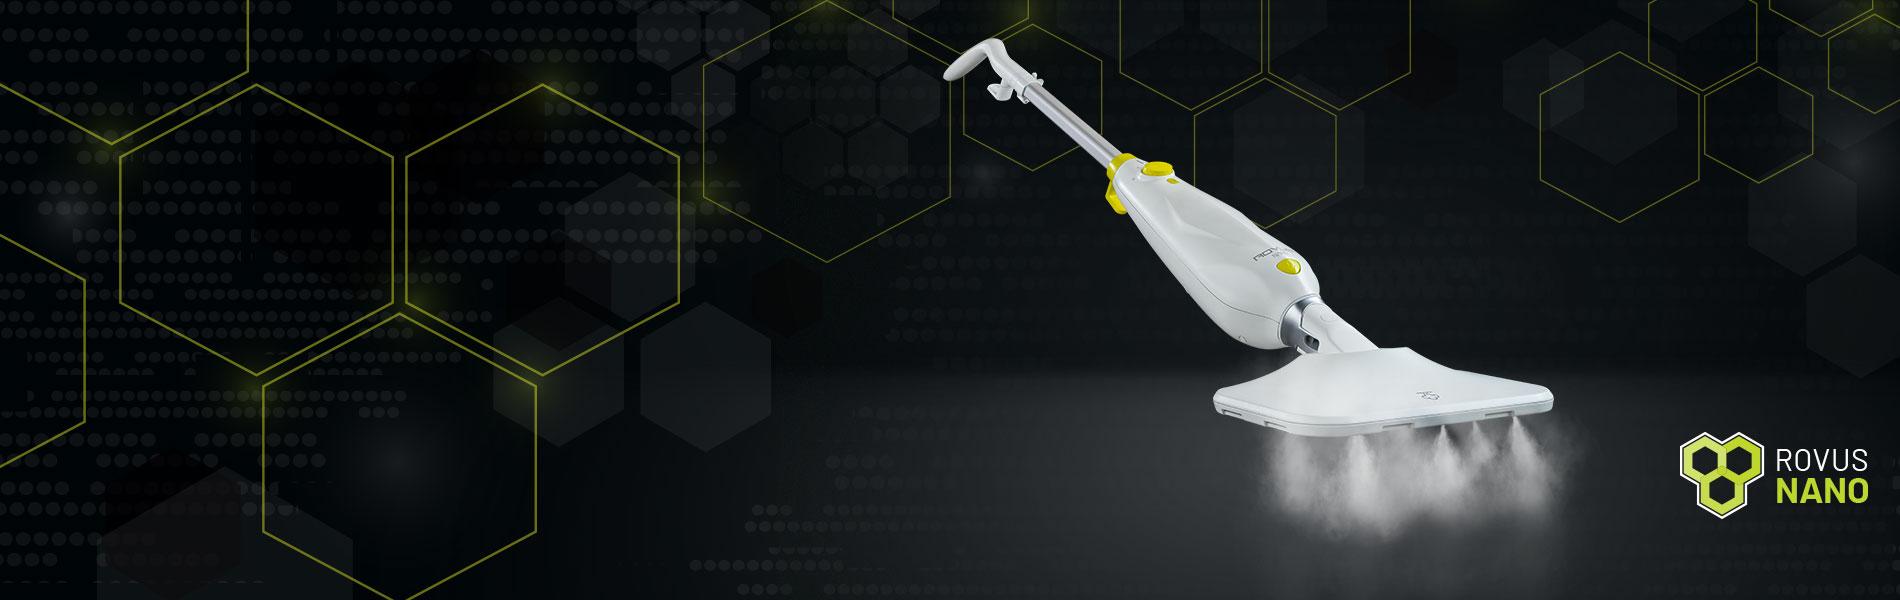 Nano Plus paročistač za podove